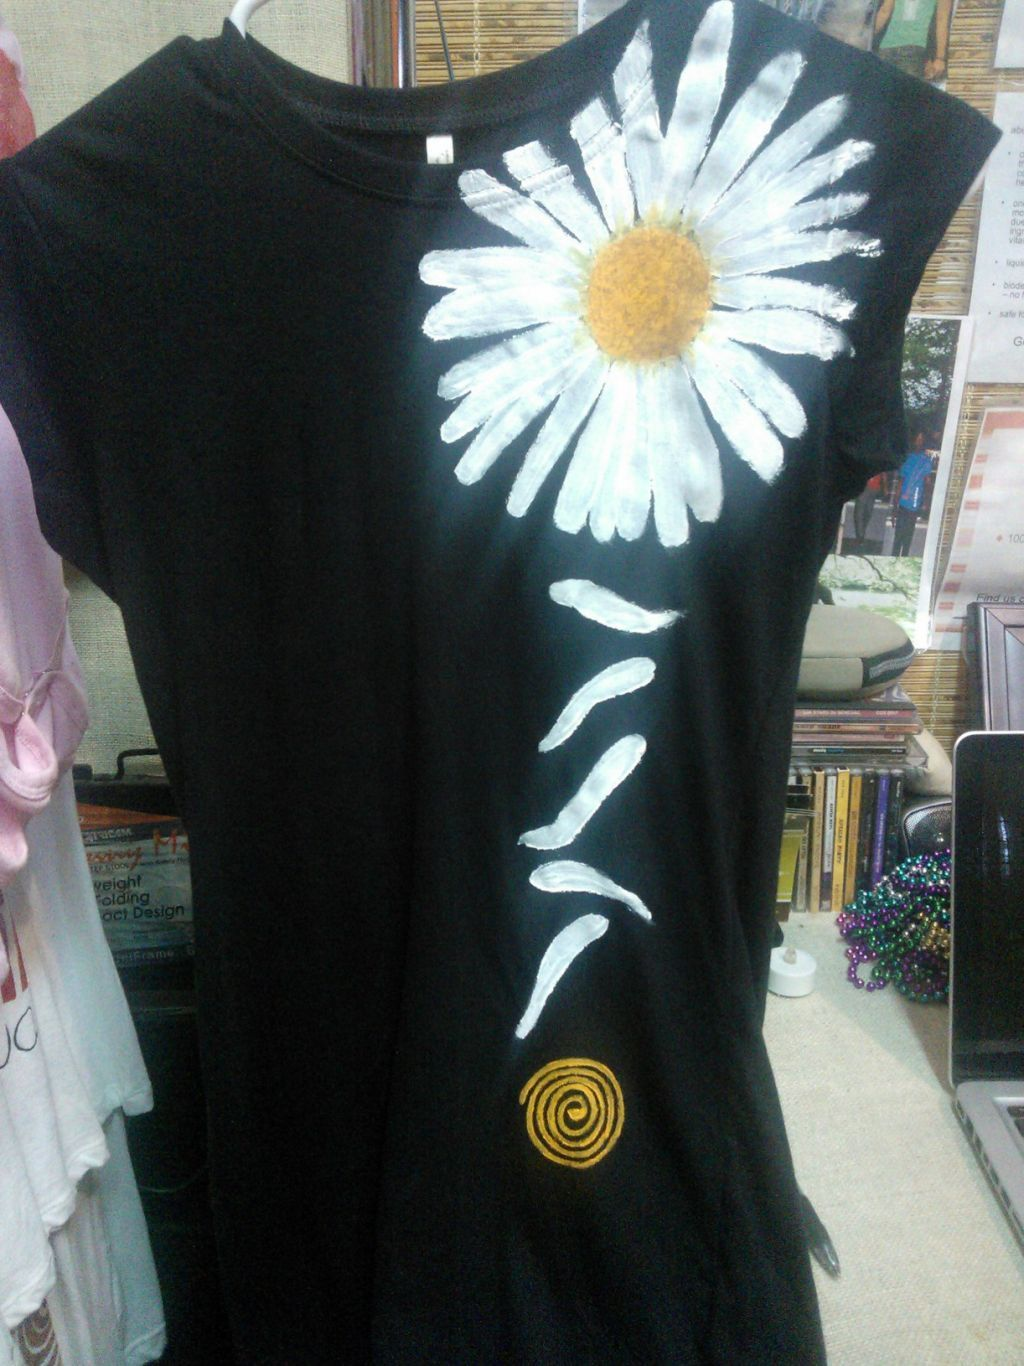 New daisy tee!